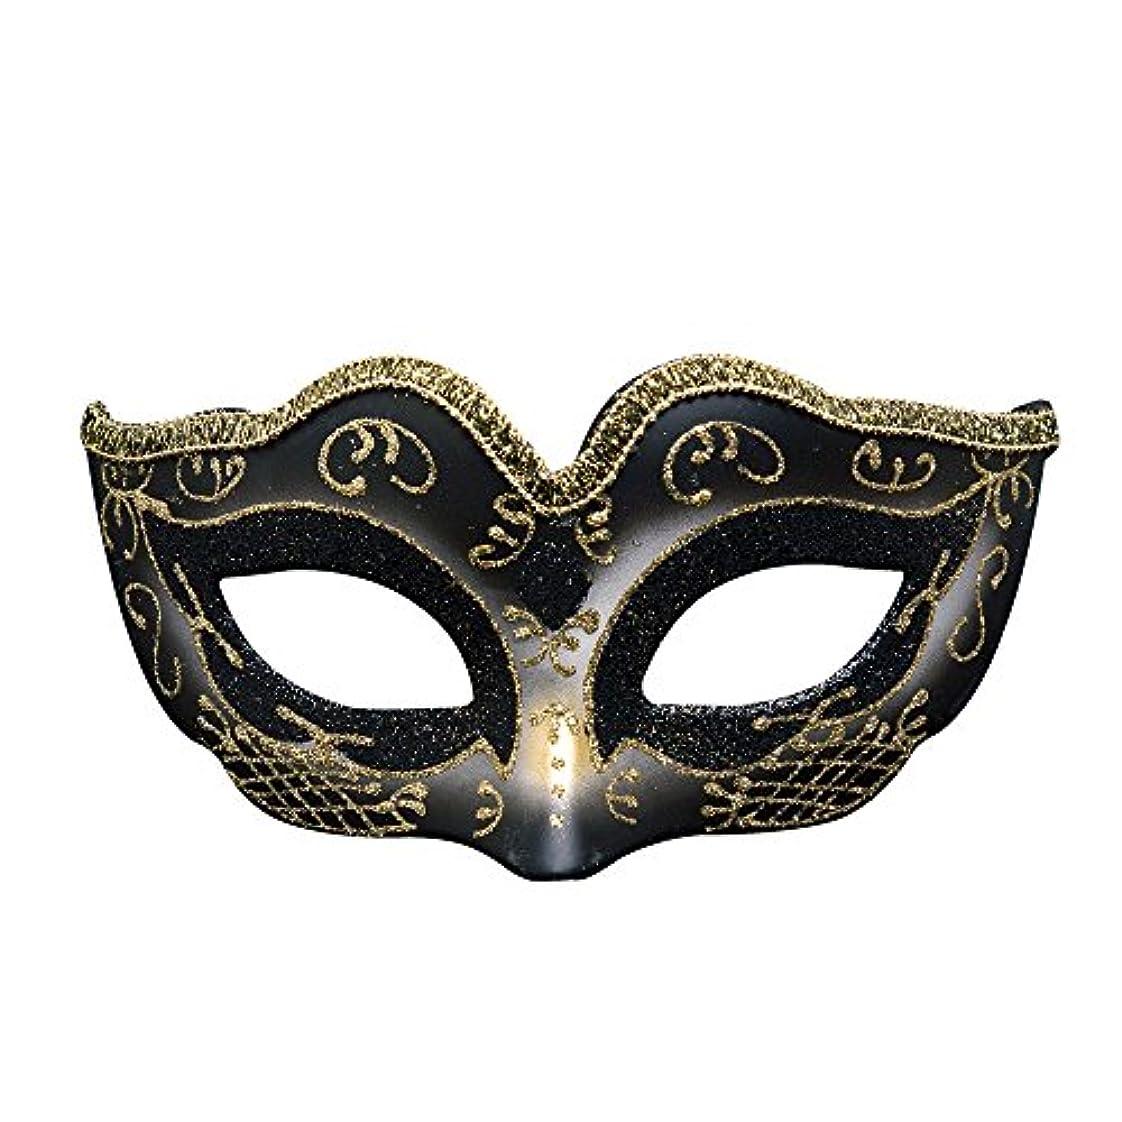 乏しいかけがえのないブルジョンクリエイティブカスタム子供のなりすましパーティーハロウィーンマスククリスマス雰囲気マスク (Color : E)